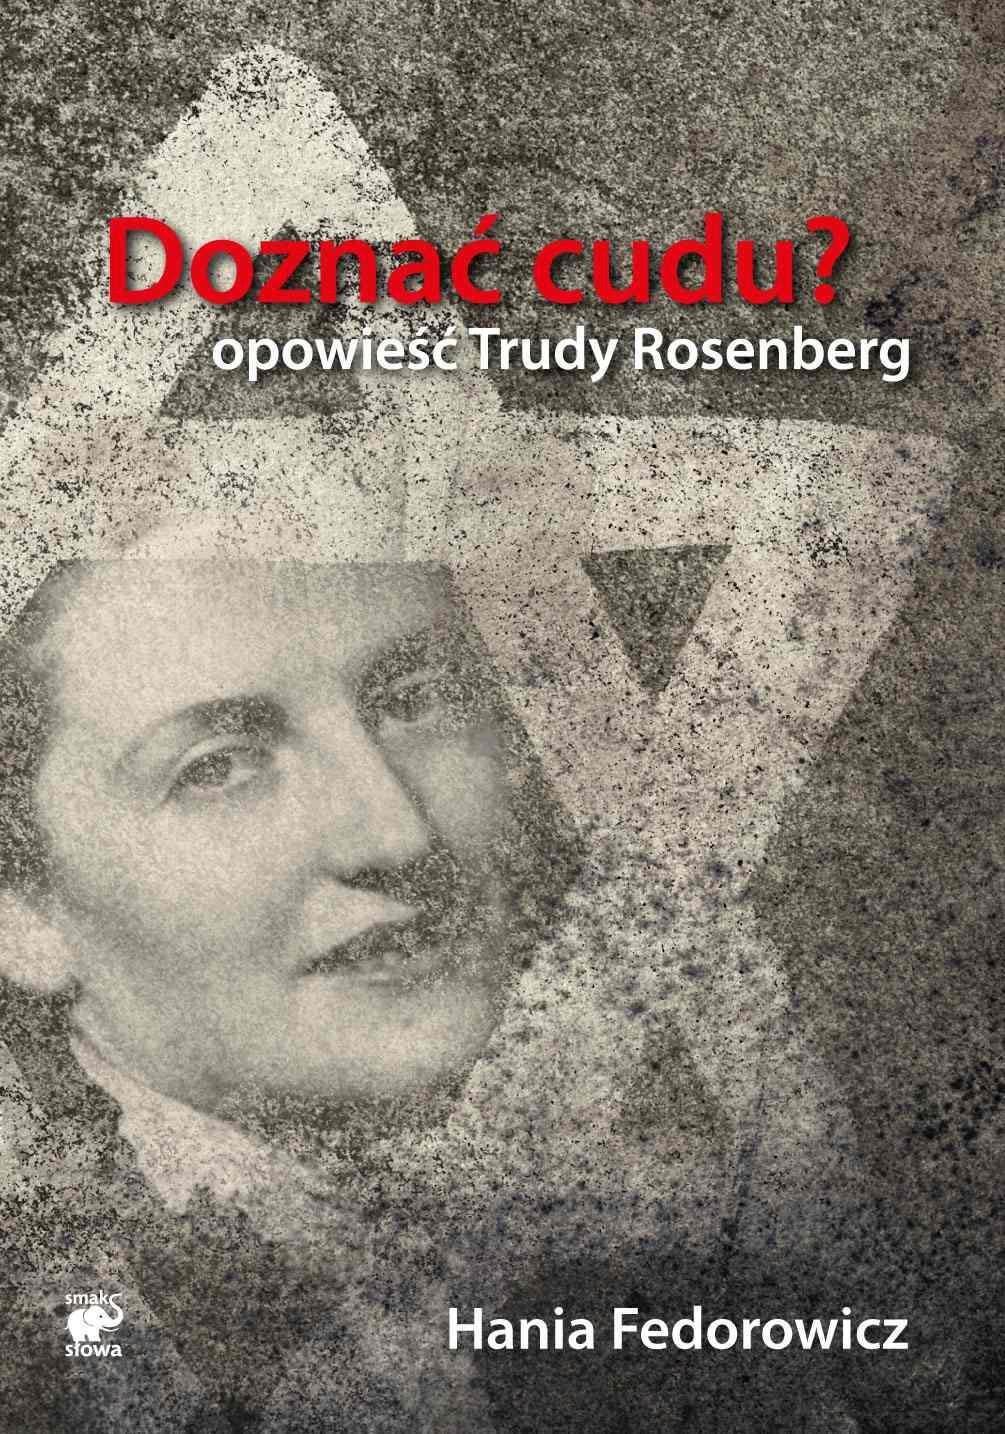 Doznać cudu? Opowieść Trudy Rosenberg - Ebook (Książka EPUB) do pobrania w formacie EPUB